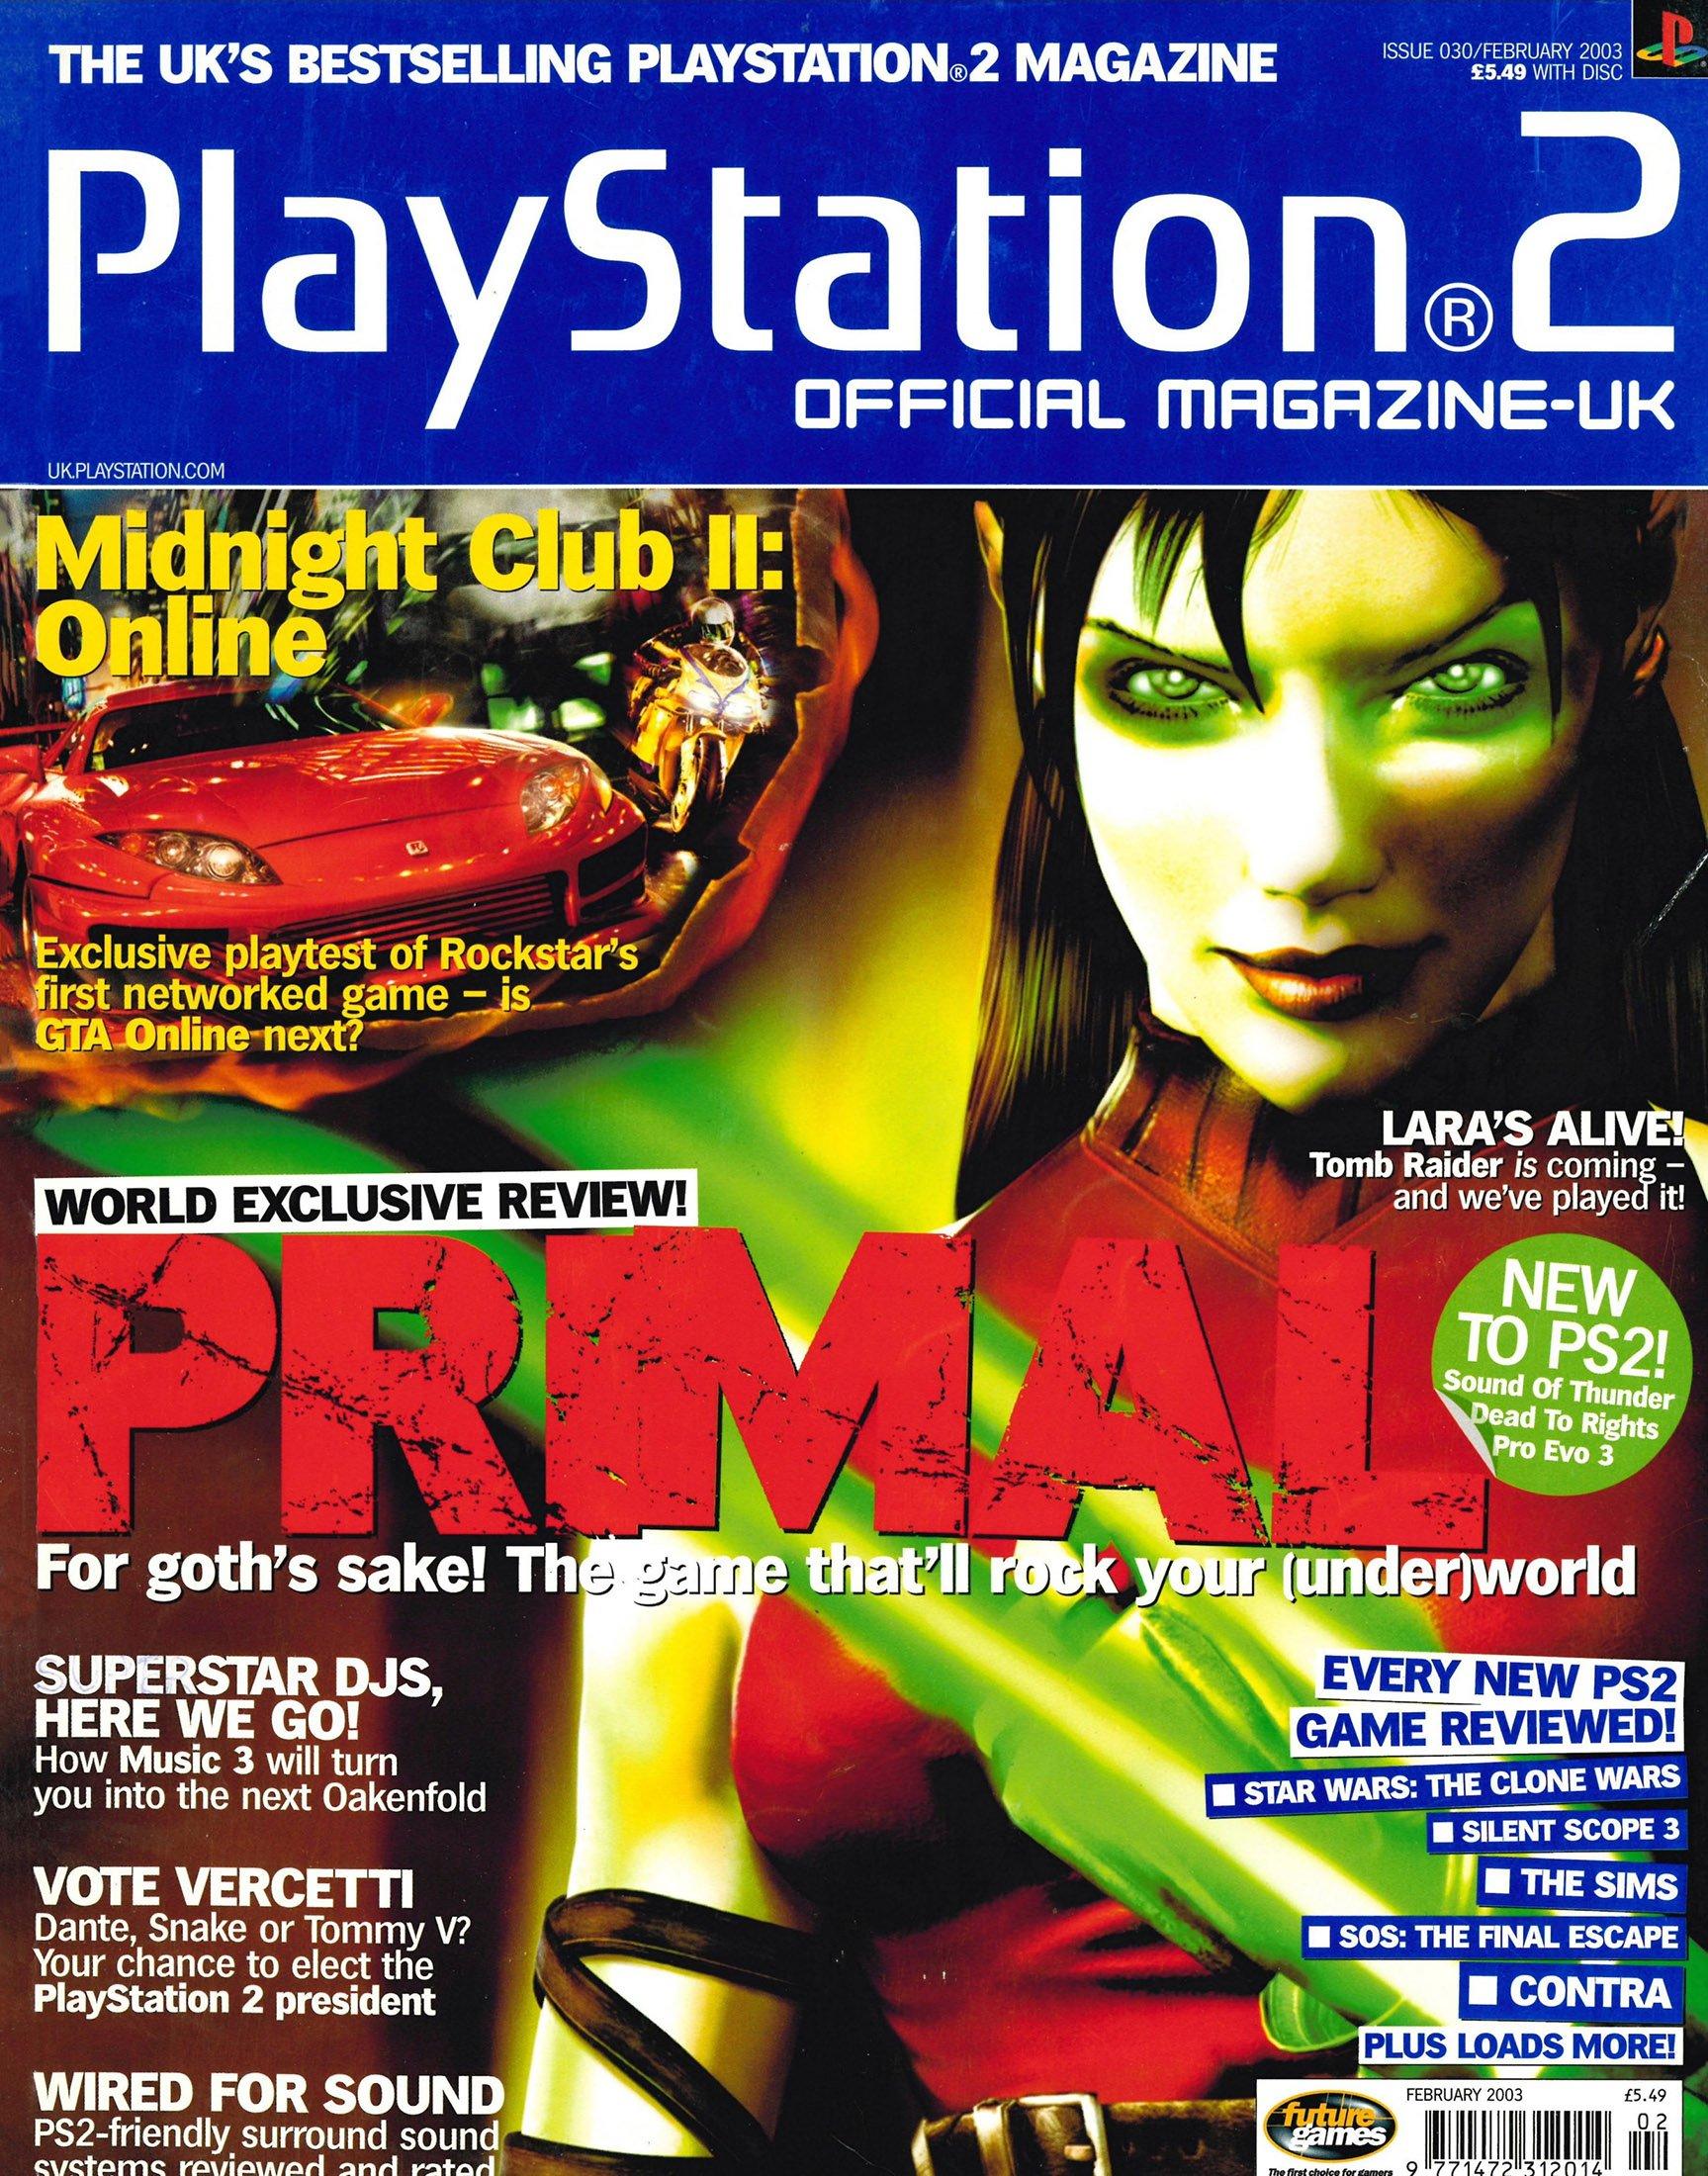 Official Playstation 2 Magazine UK 030 (February 2003)